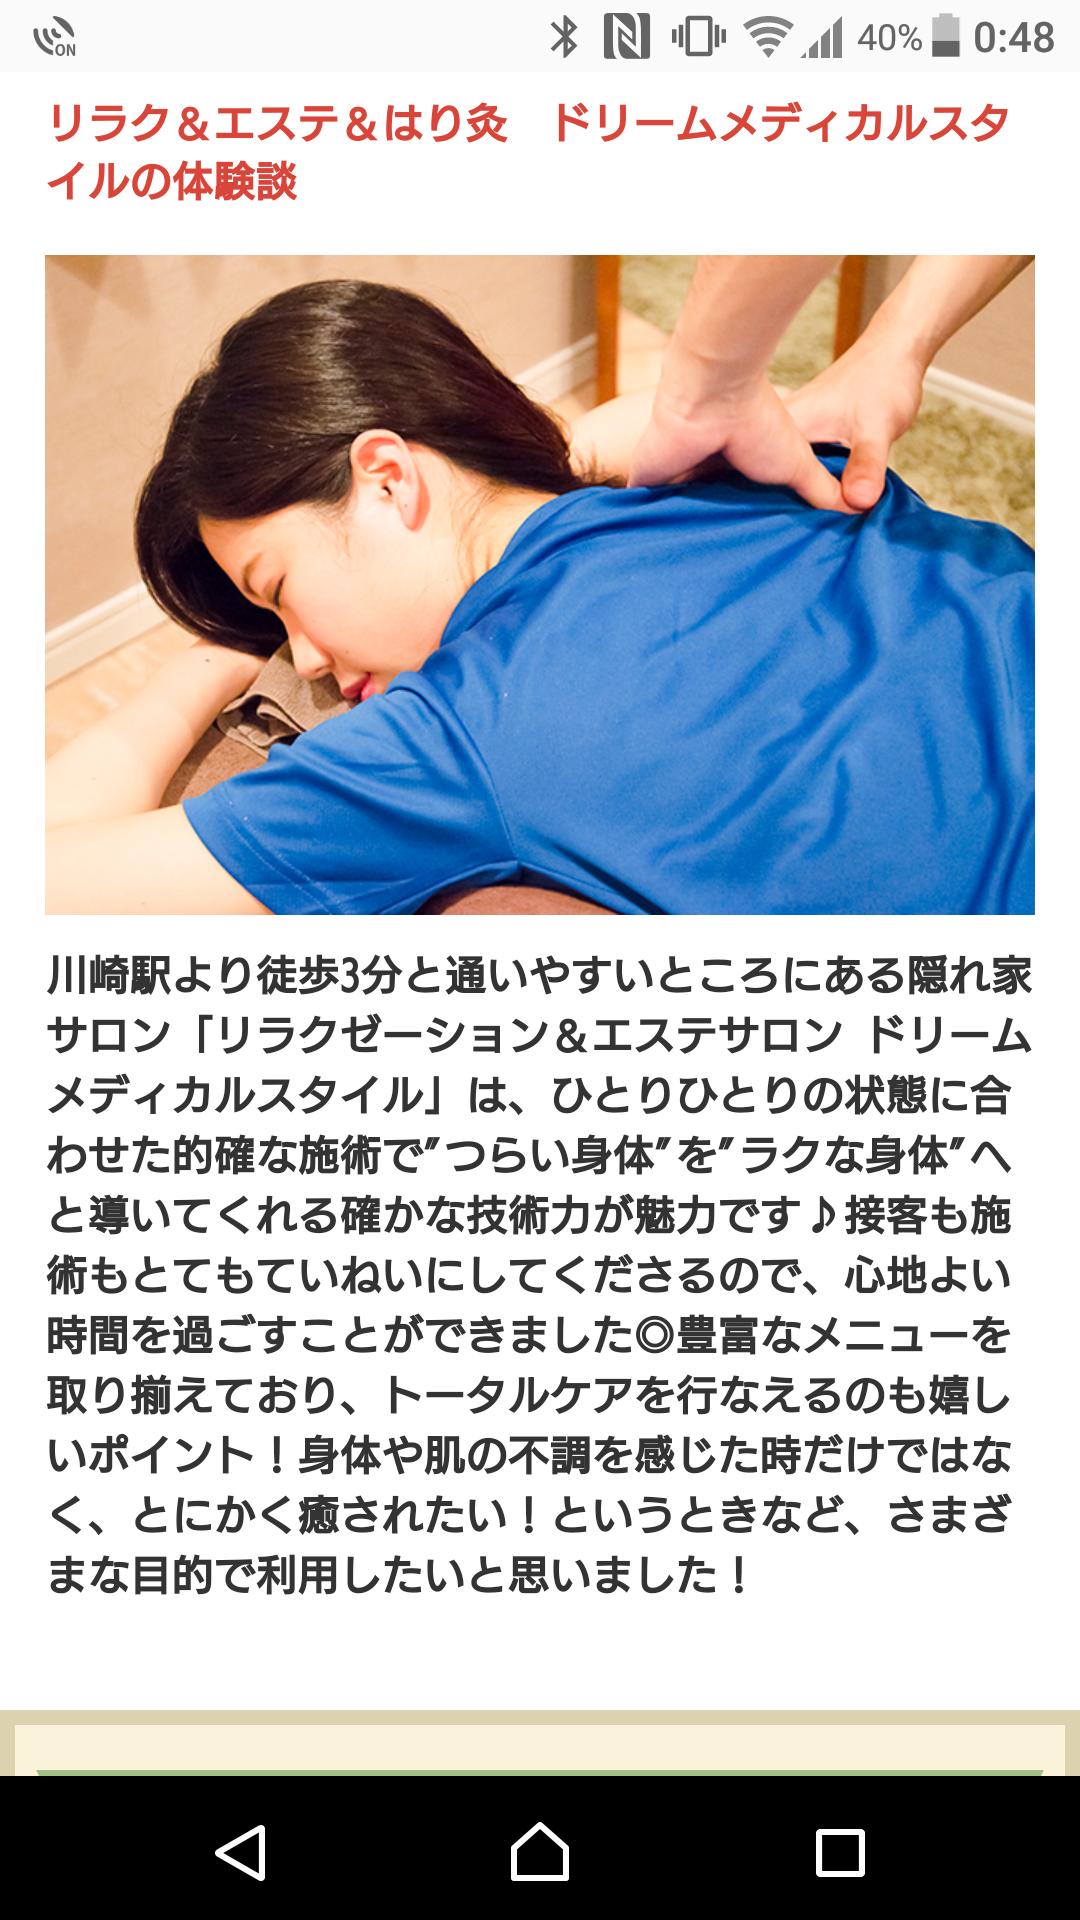 至福のお時間♪お悩み解消!